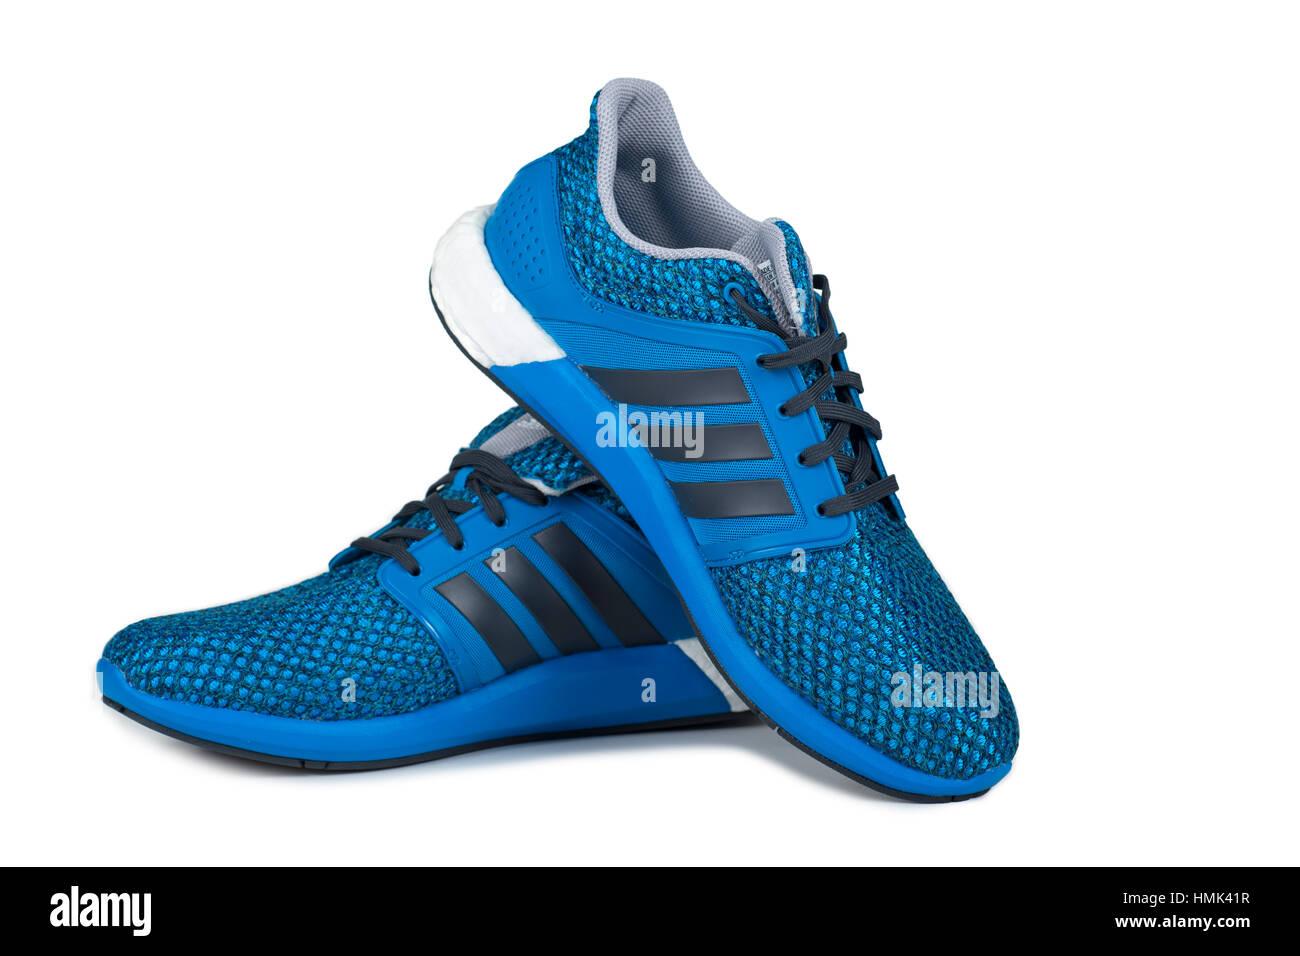 Les formateurs, des baskets, des chaussures de course Photo Stock